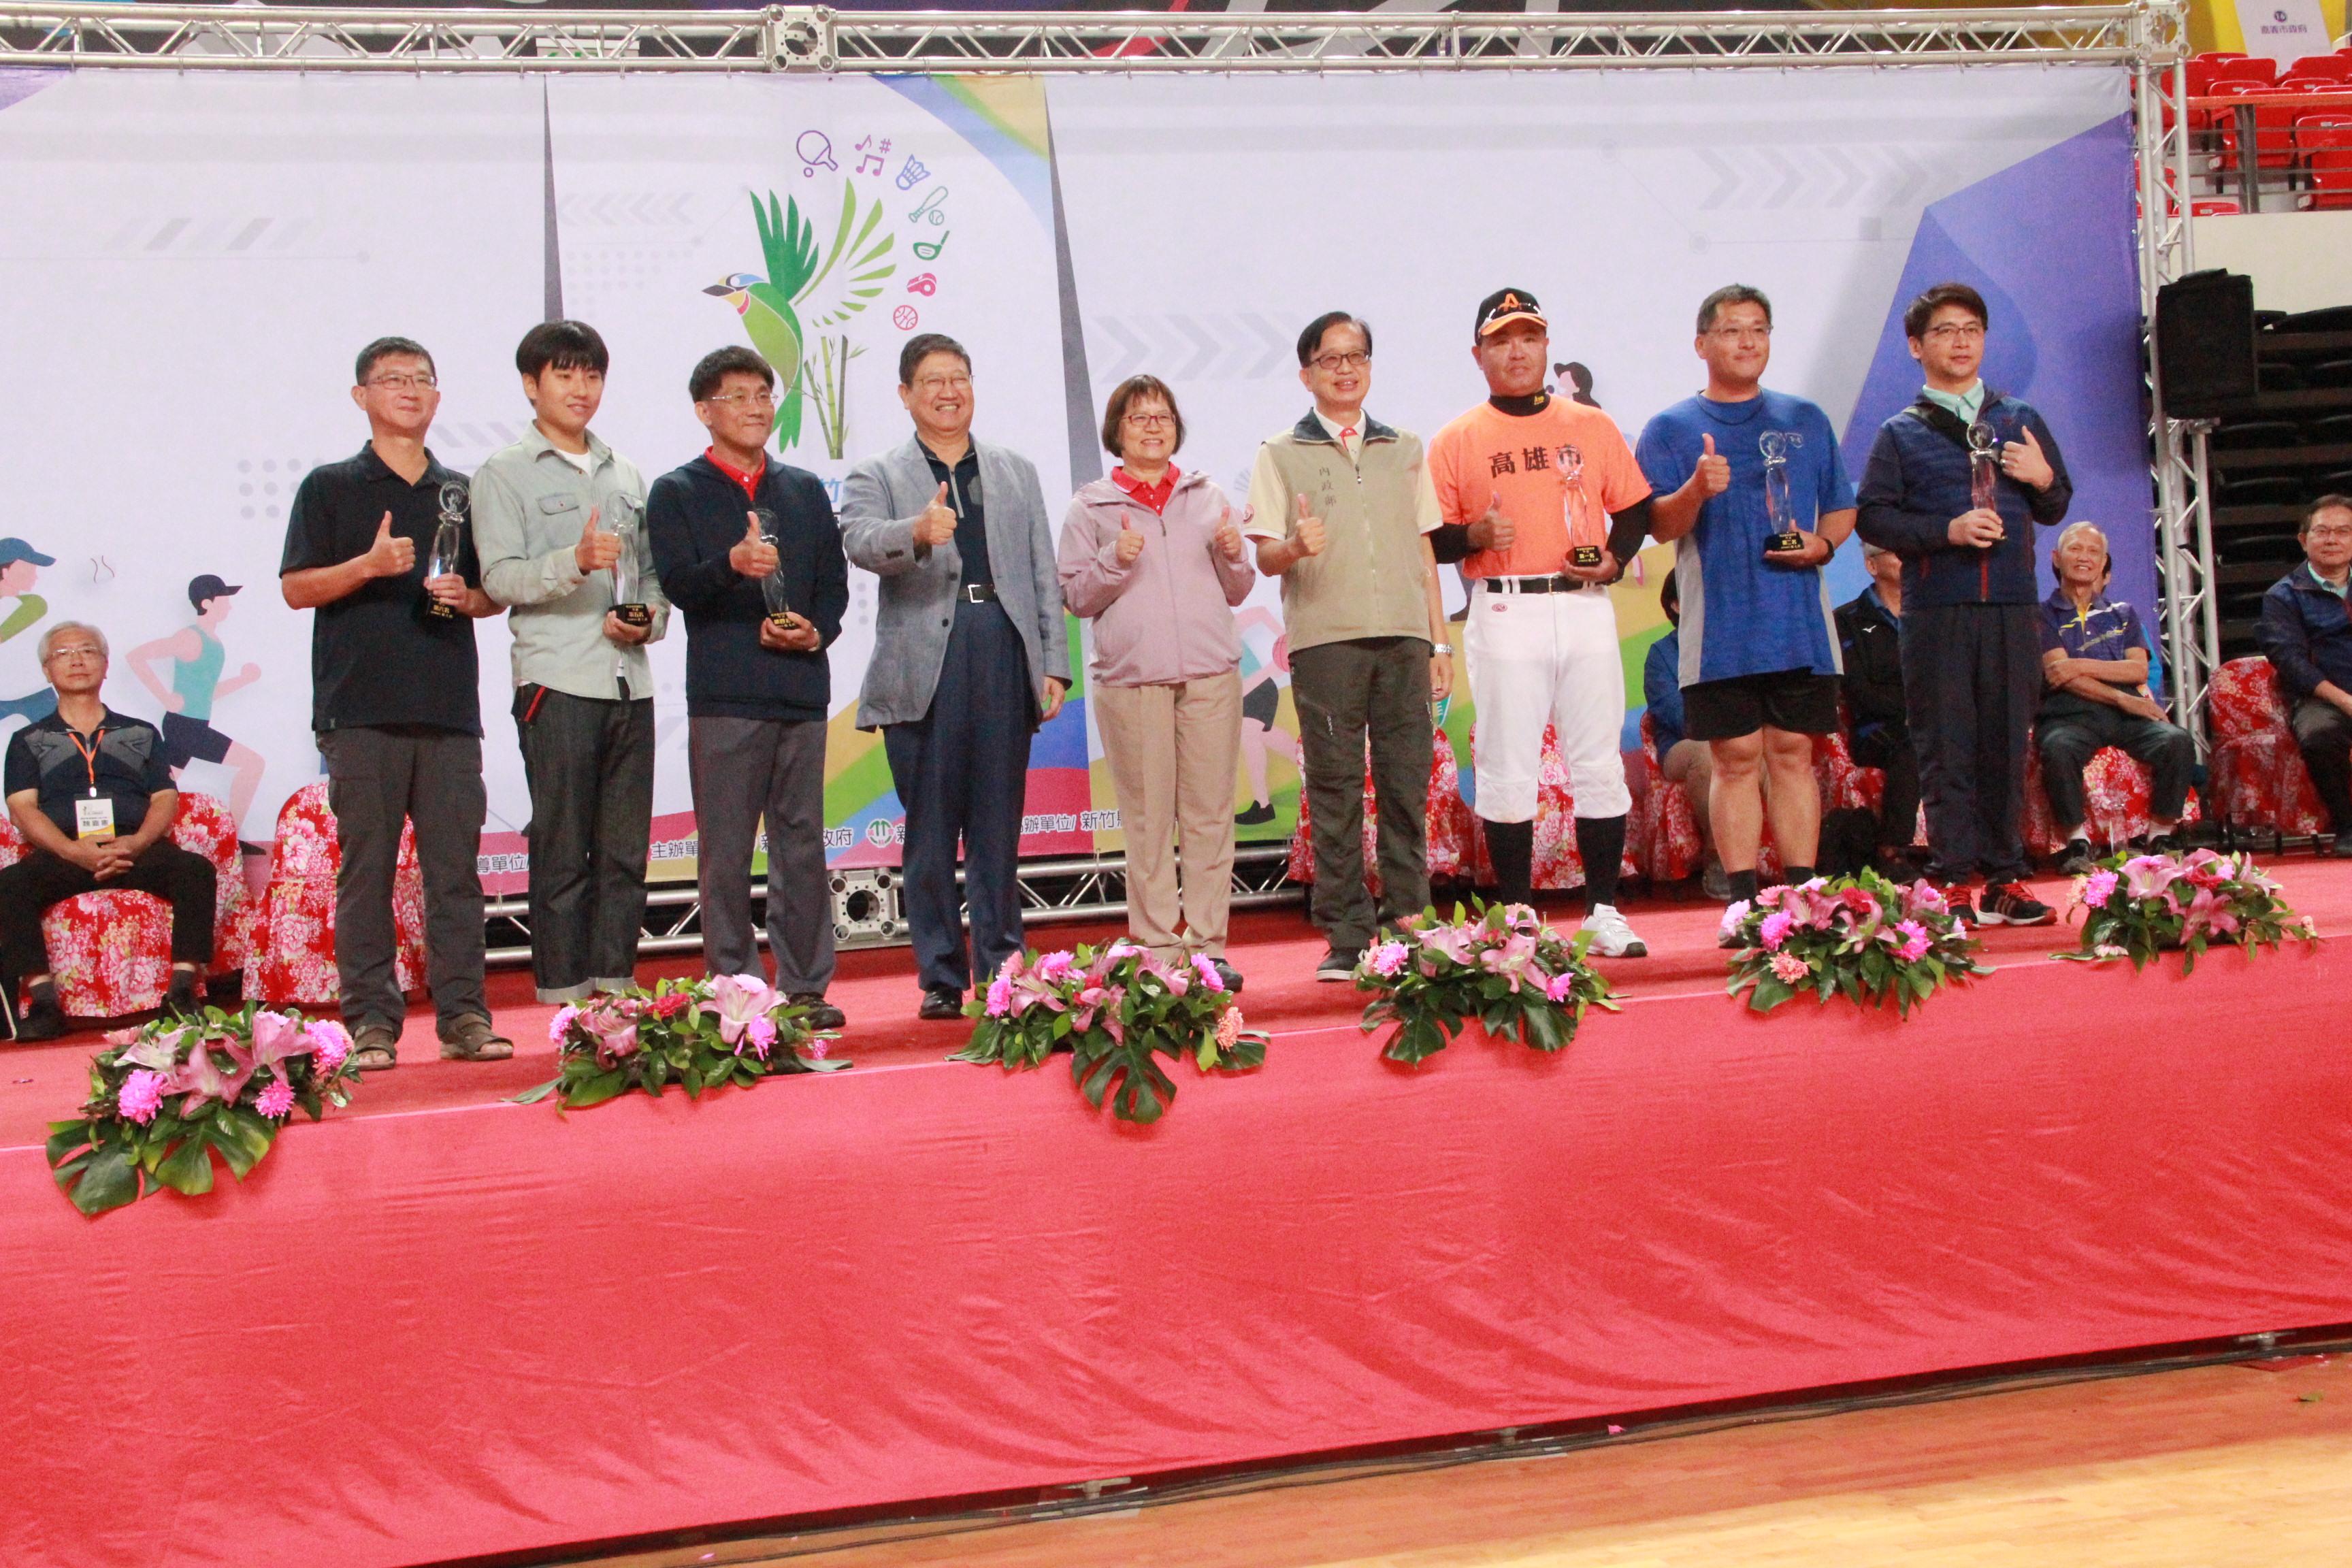 大會主席(左4)、內政部邱次長(左6)、內政部王參事靚琇(左5)與領獎人合照